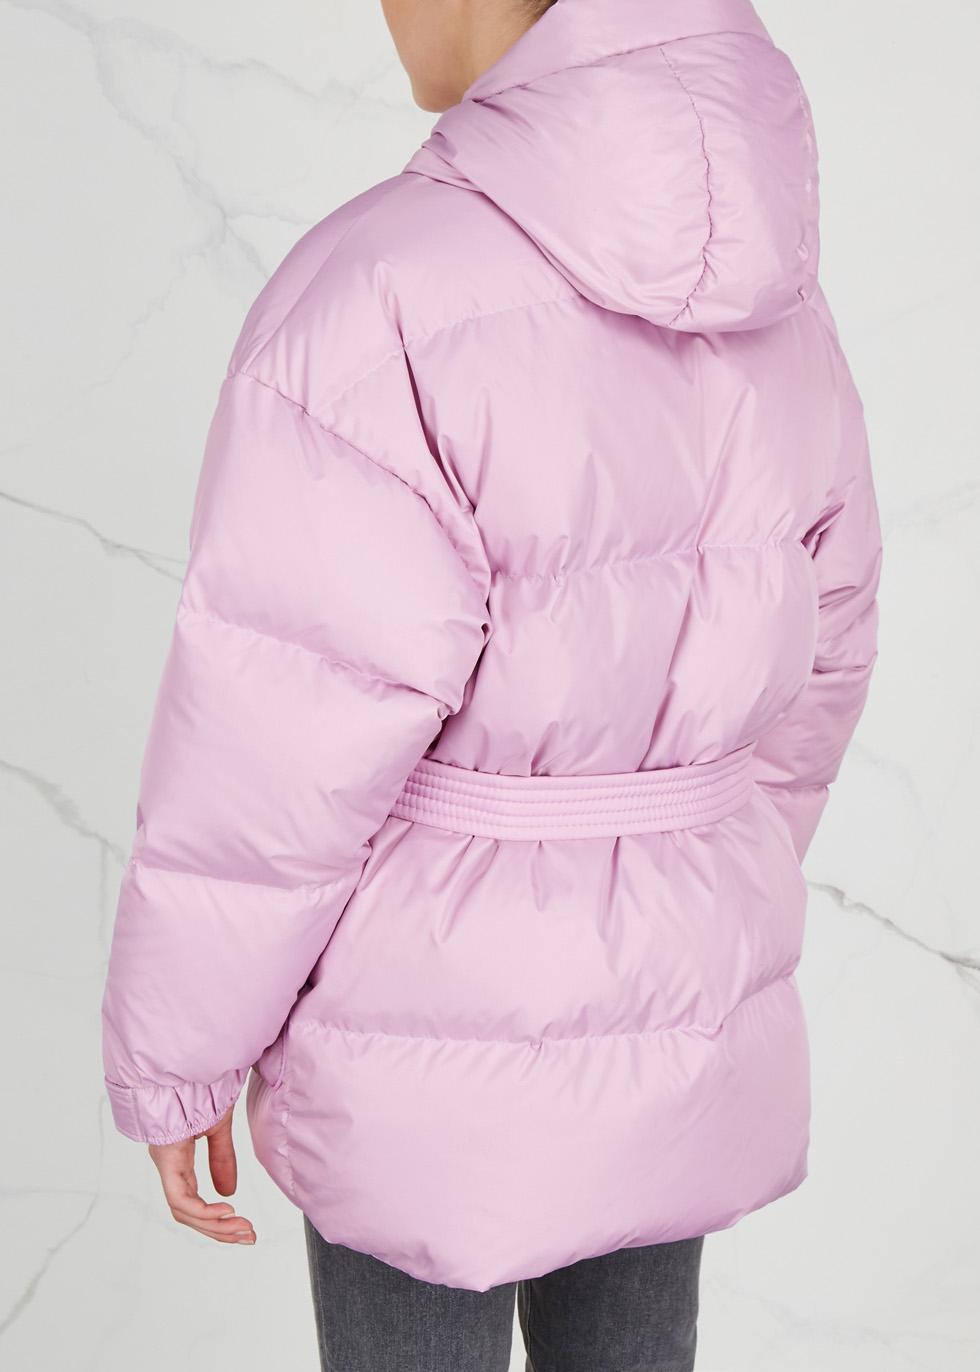 Michelin hooded shell bomber jacket - IENKI IENKI